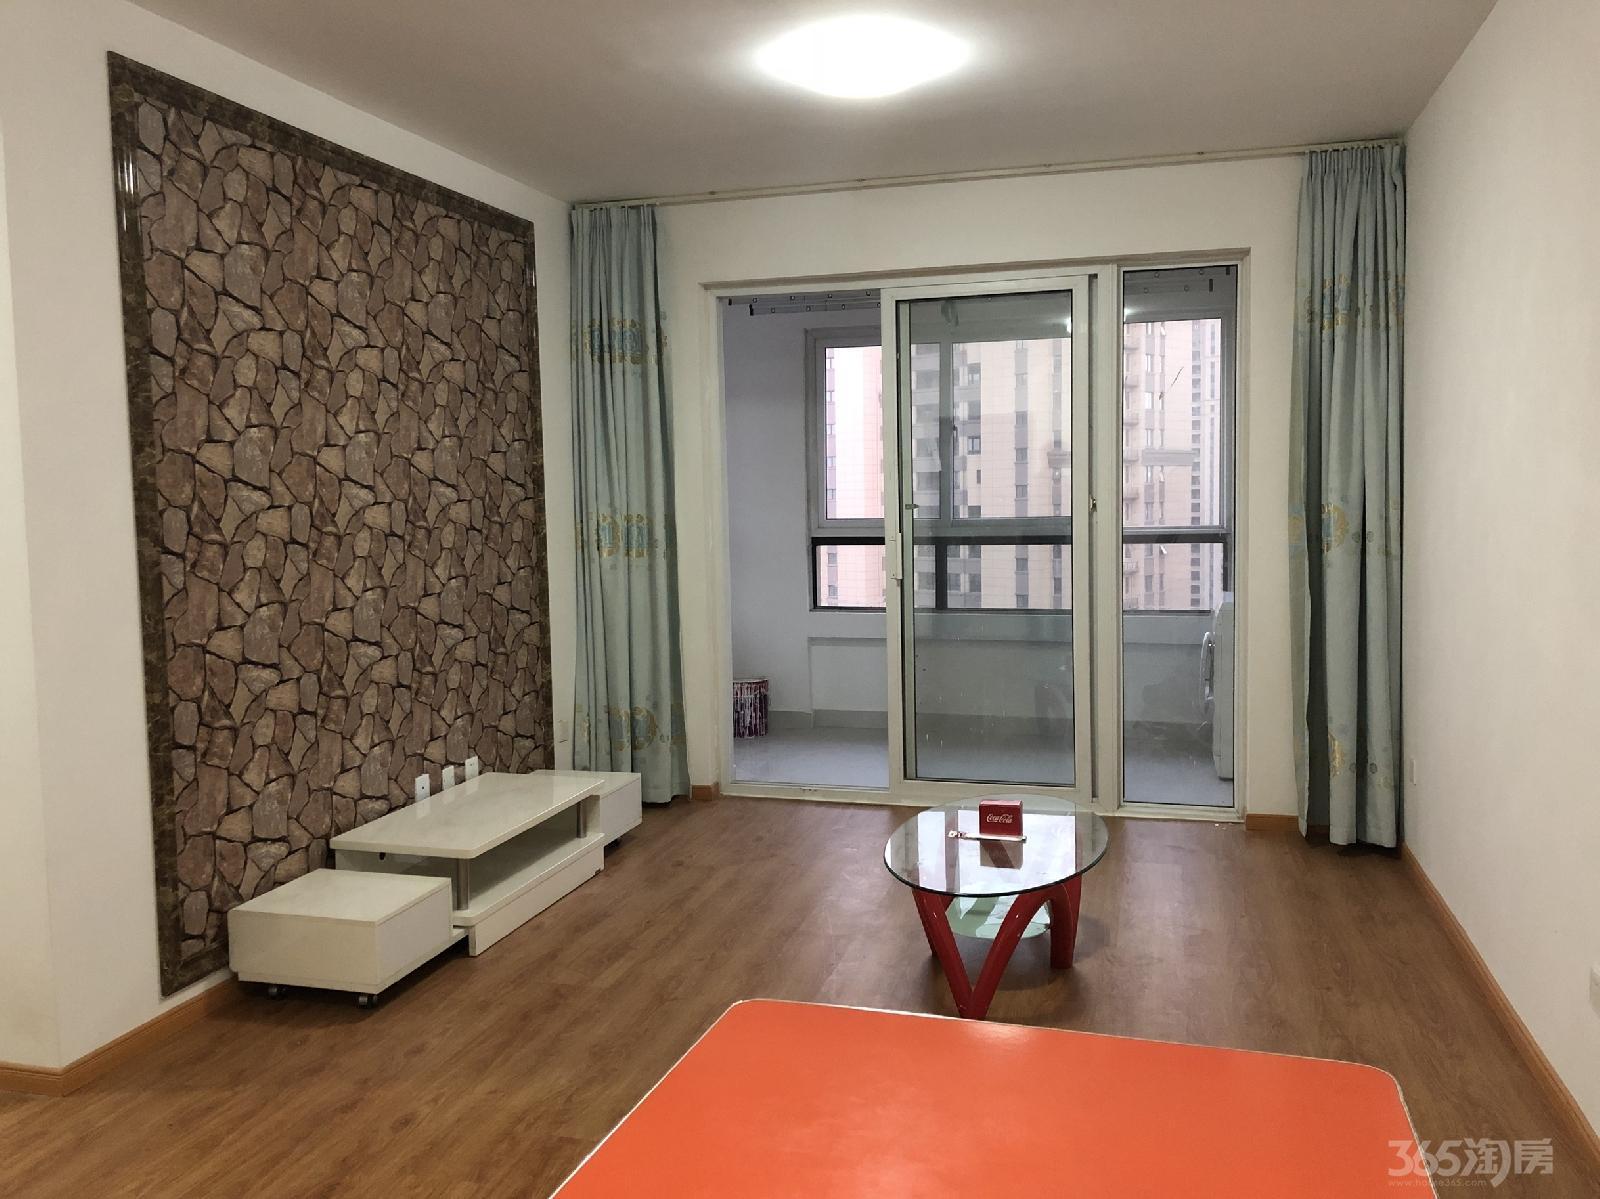 城建琥珀庄园3室2厅1卫90平米整租精装